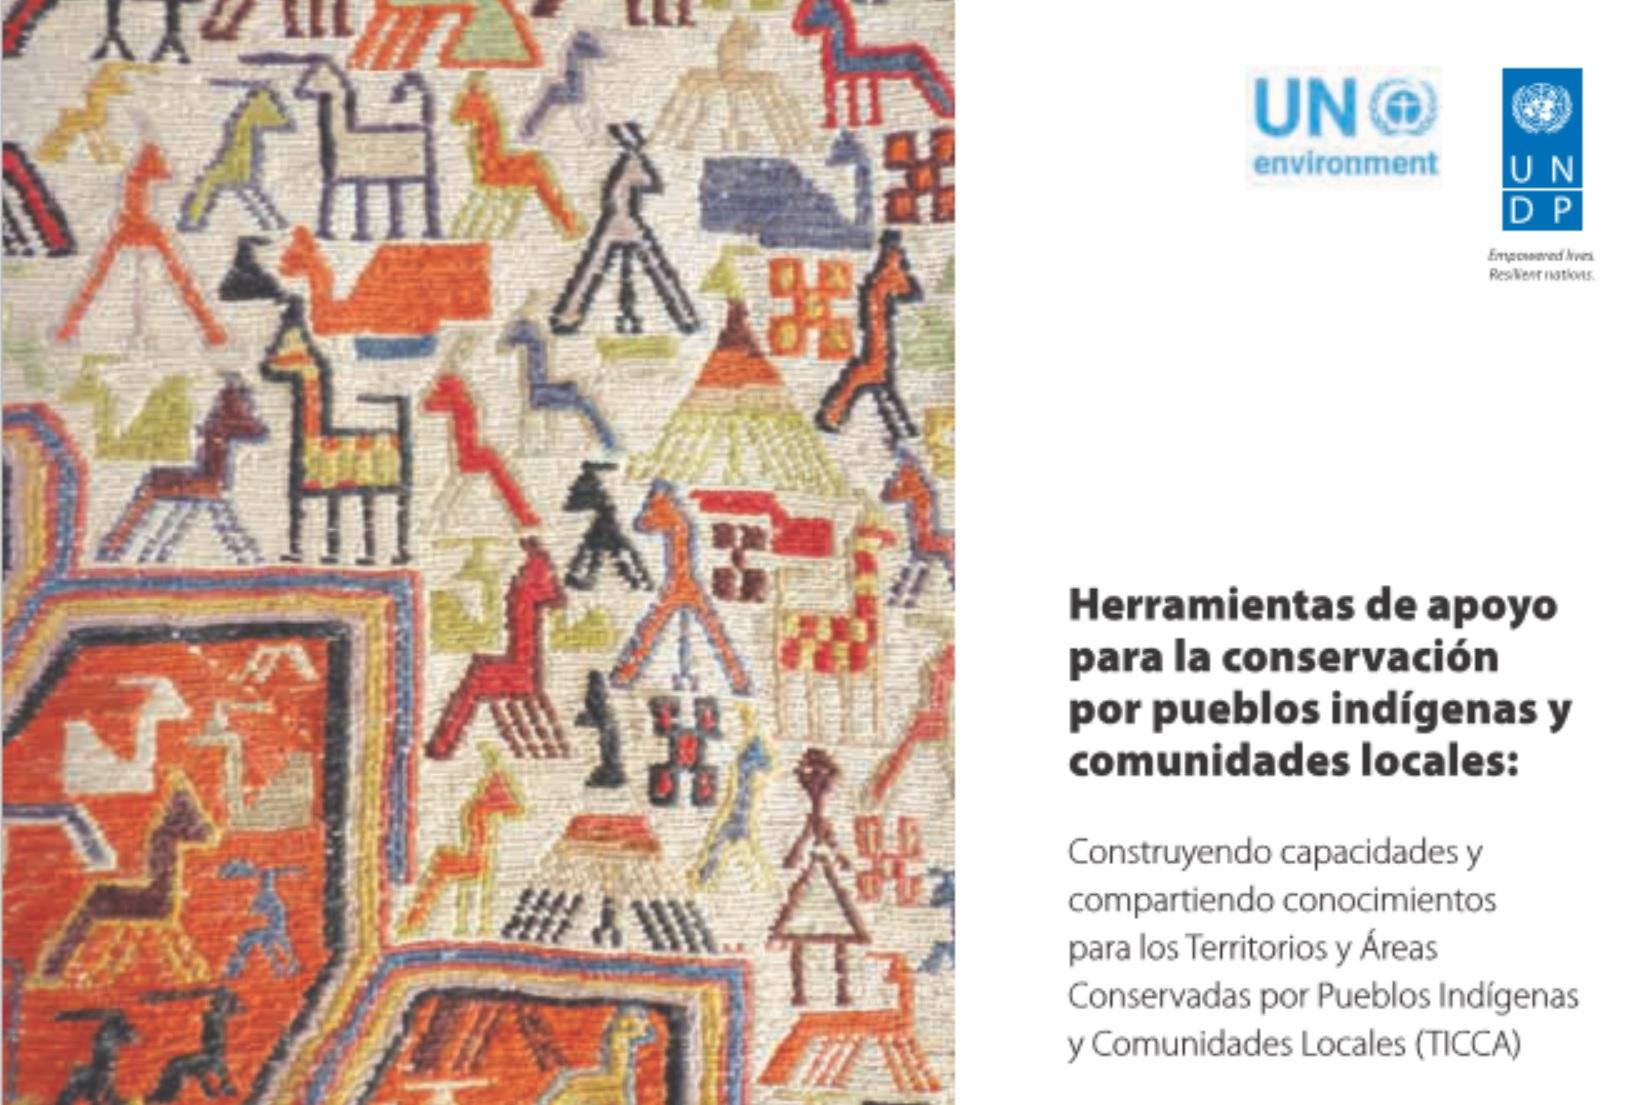 Herramientas de apoyo para la conservación por pueblos indígenas y comunidades locales  (Spanish version of ICCA Toolkit)